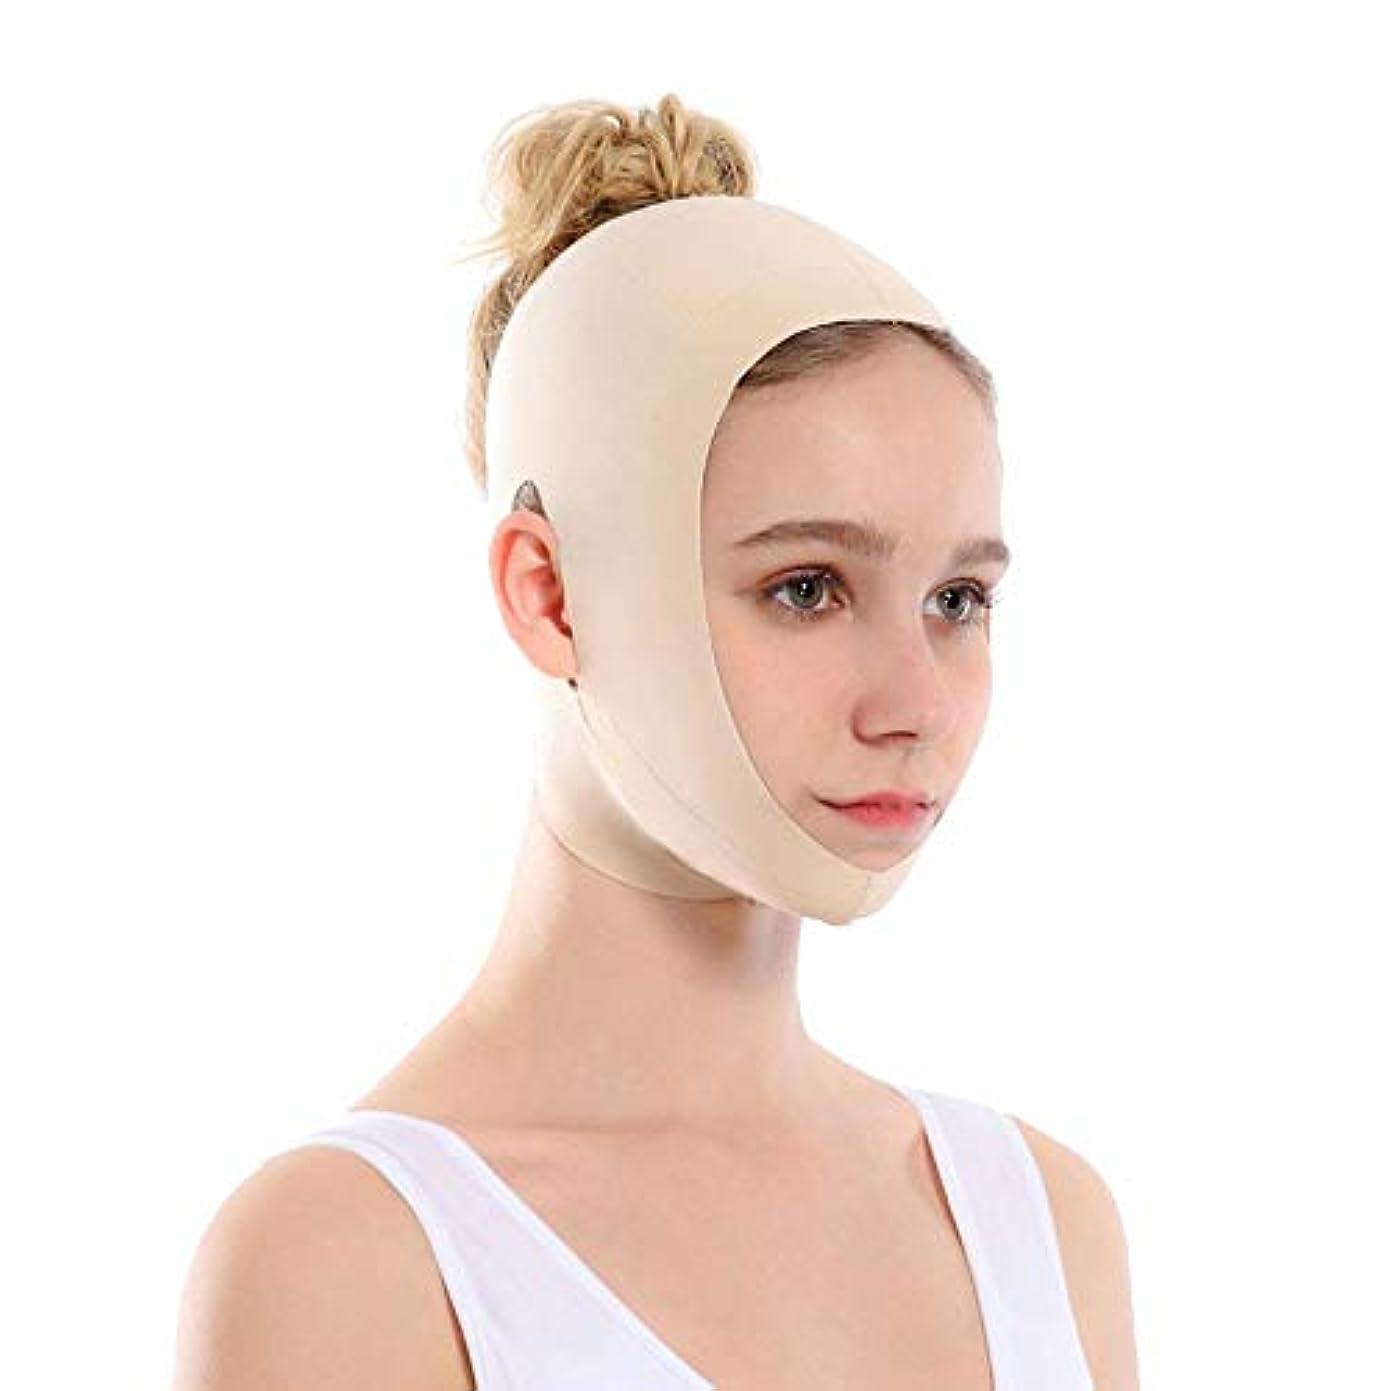 霜部分的静脈飛強強 顔を持ち上げるアーティファクトVフェイス包帯リフティング引き締め睡眠薄い顔を整形持ち上げる顔を二重あご矯正 - 肌の色 スリムフィット美容ツール